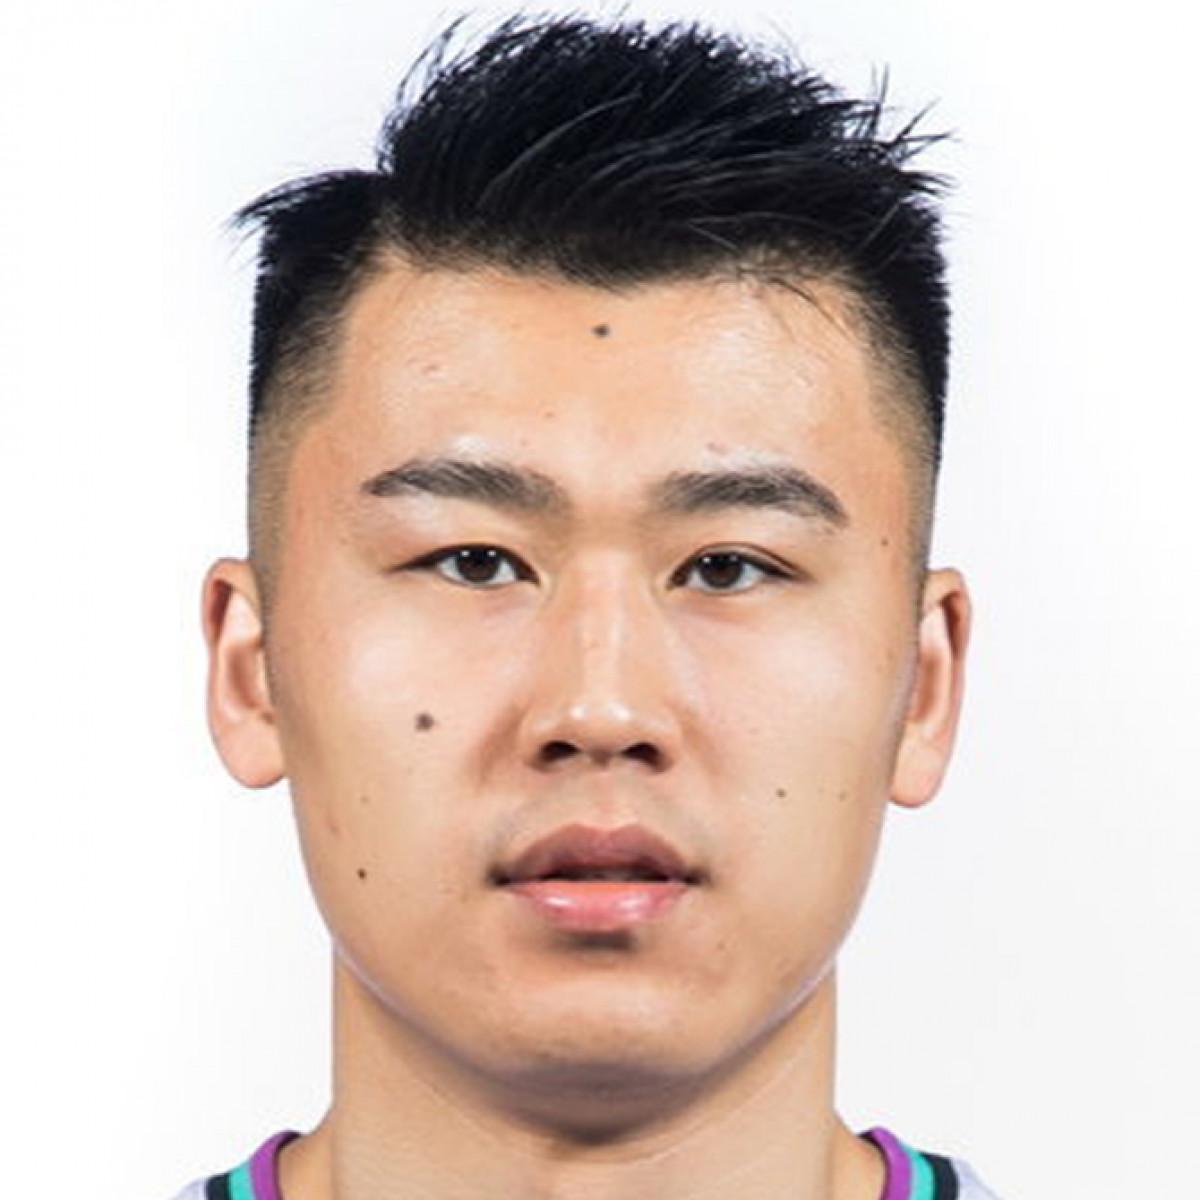 Cheng Jia